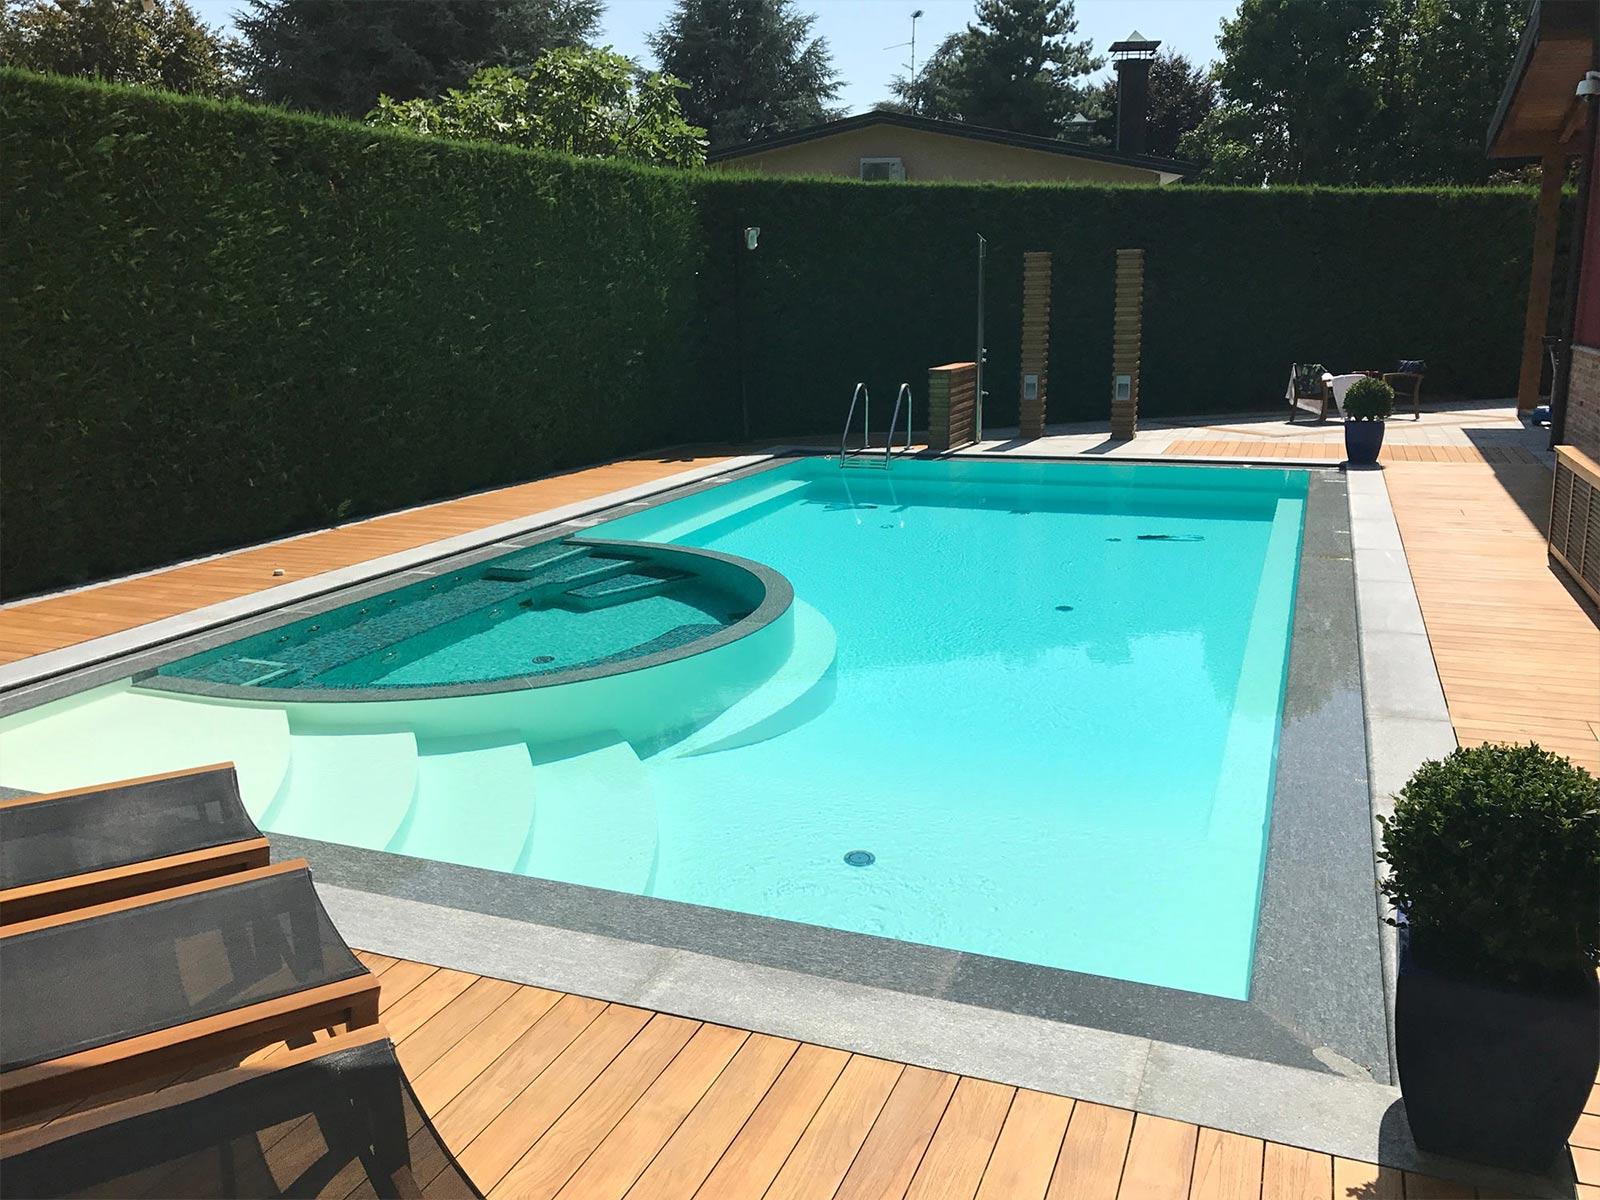 piscina a sfioro con area idromassaggio